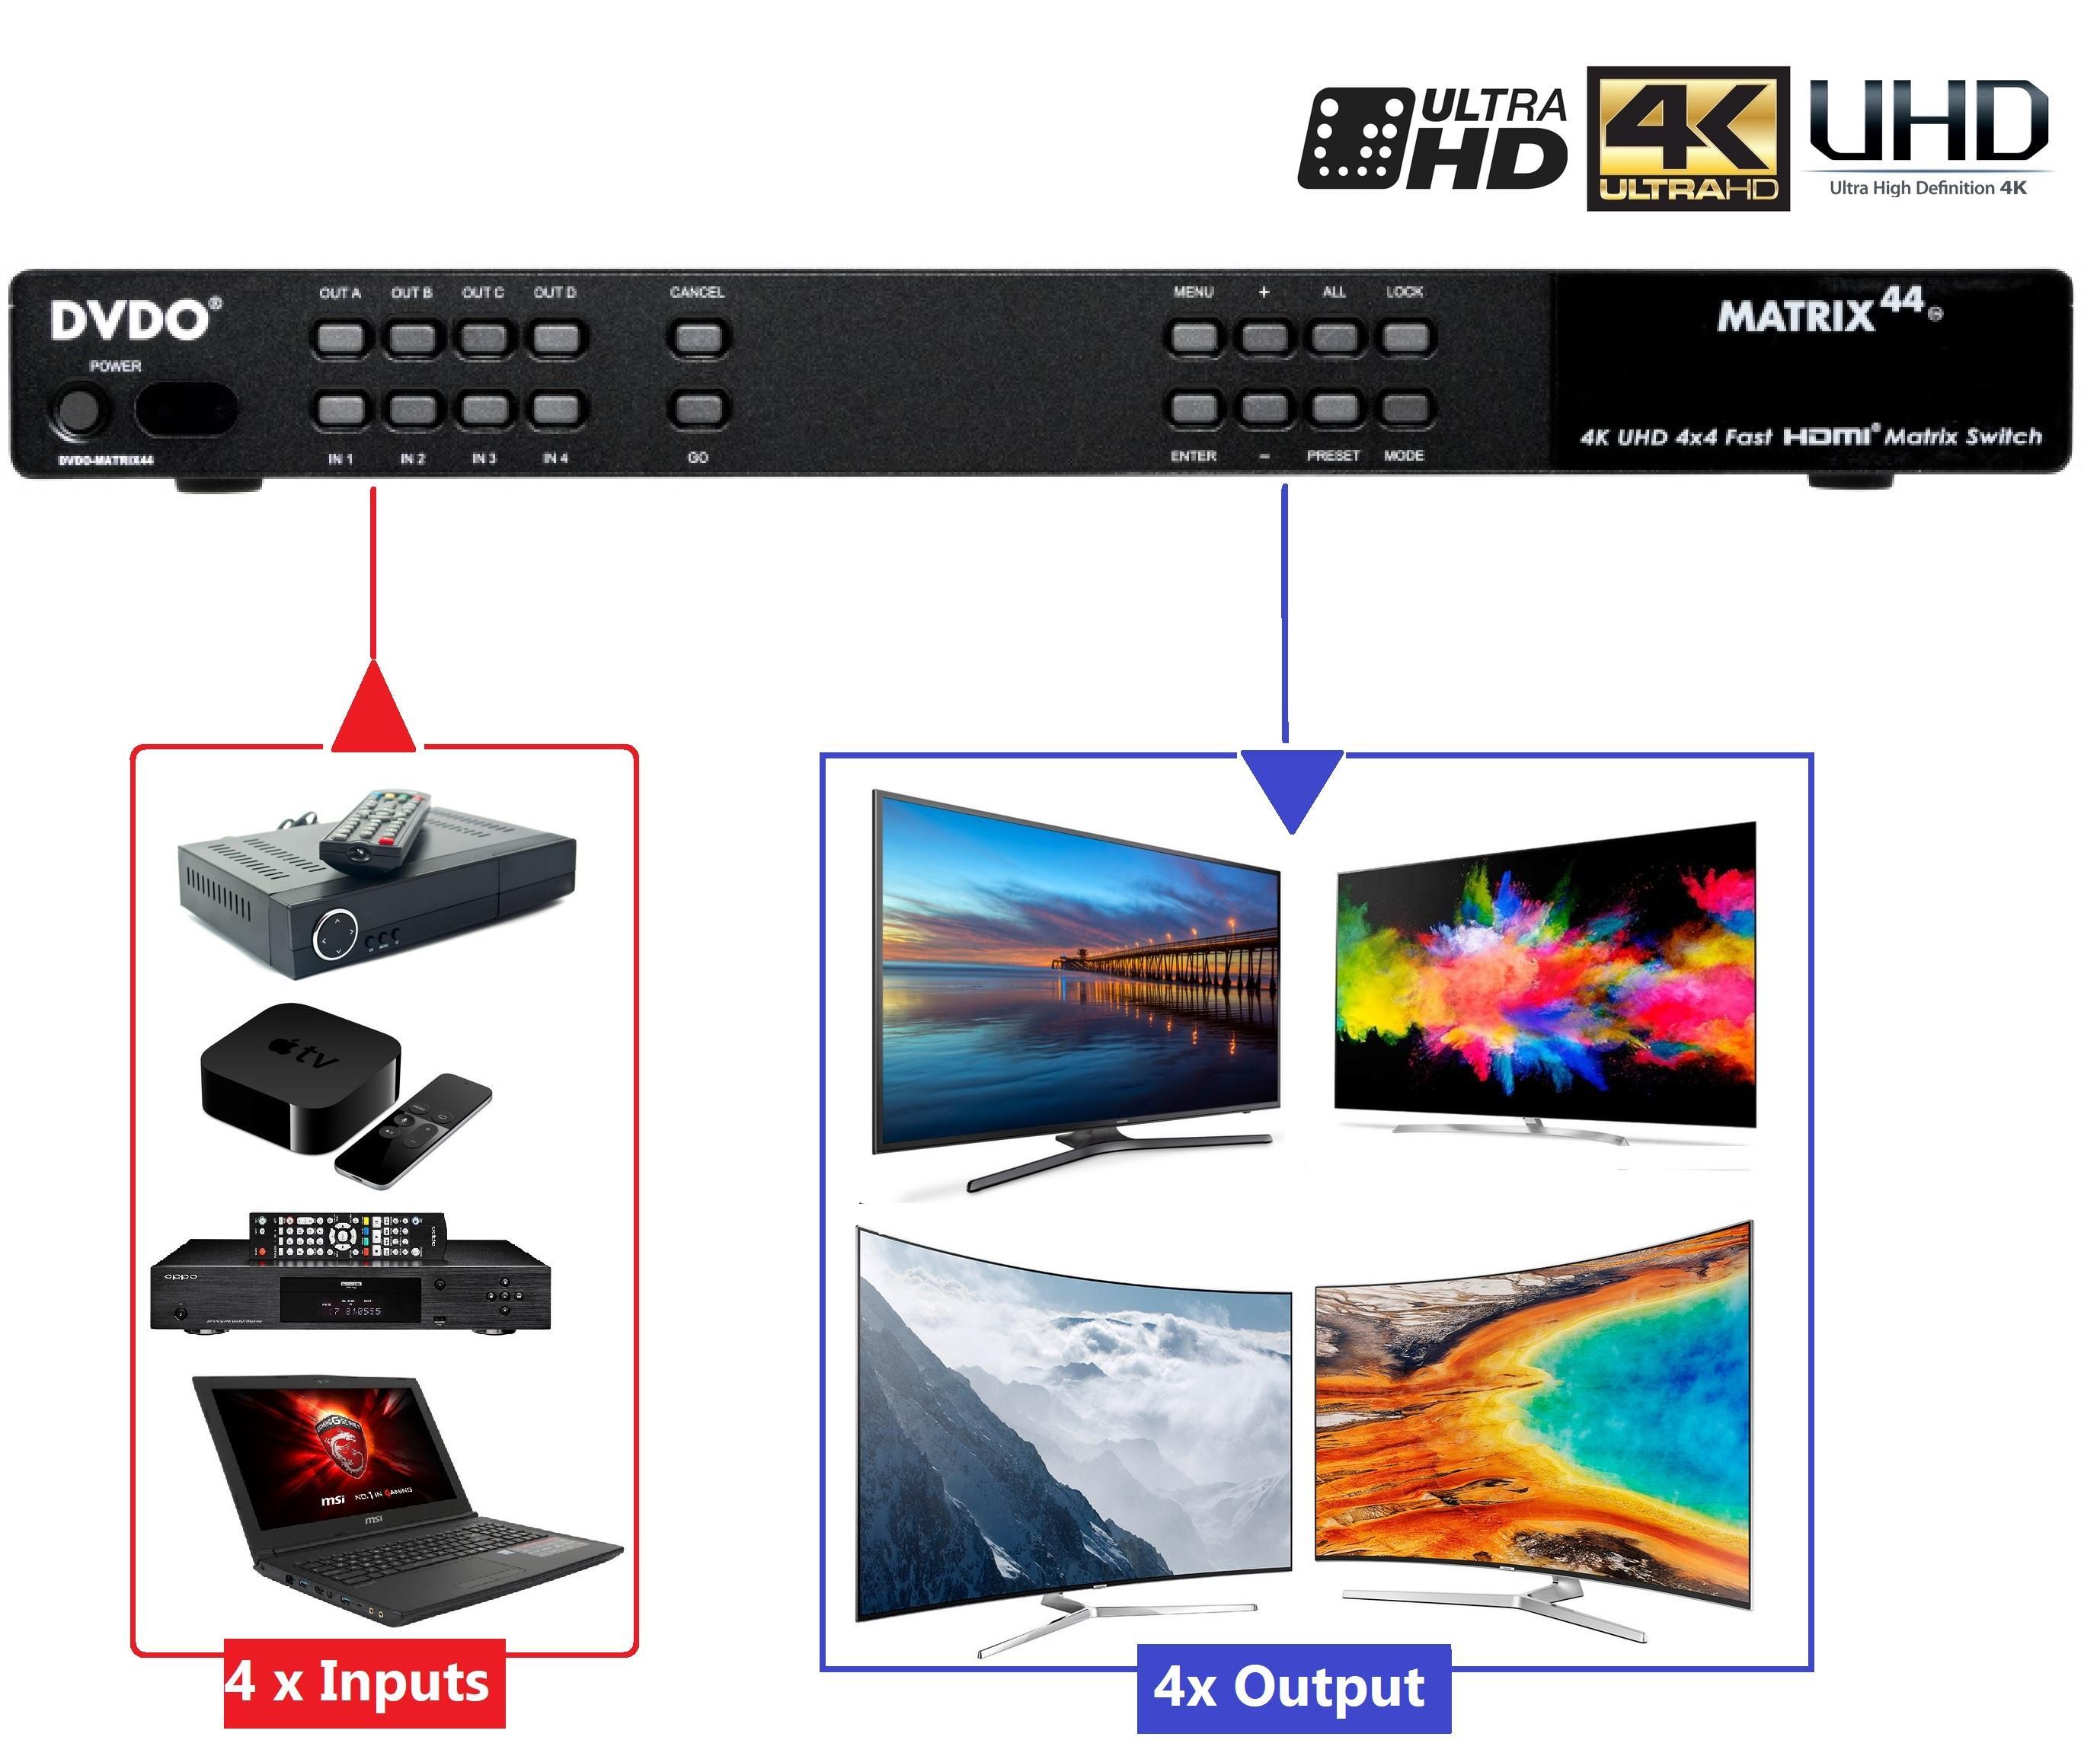 DVDO MATRIX 4x4 4K Ultra HD 4x4 Fast HDMI Matrix Switch UHD (RS232/IR/IP)